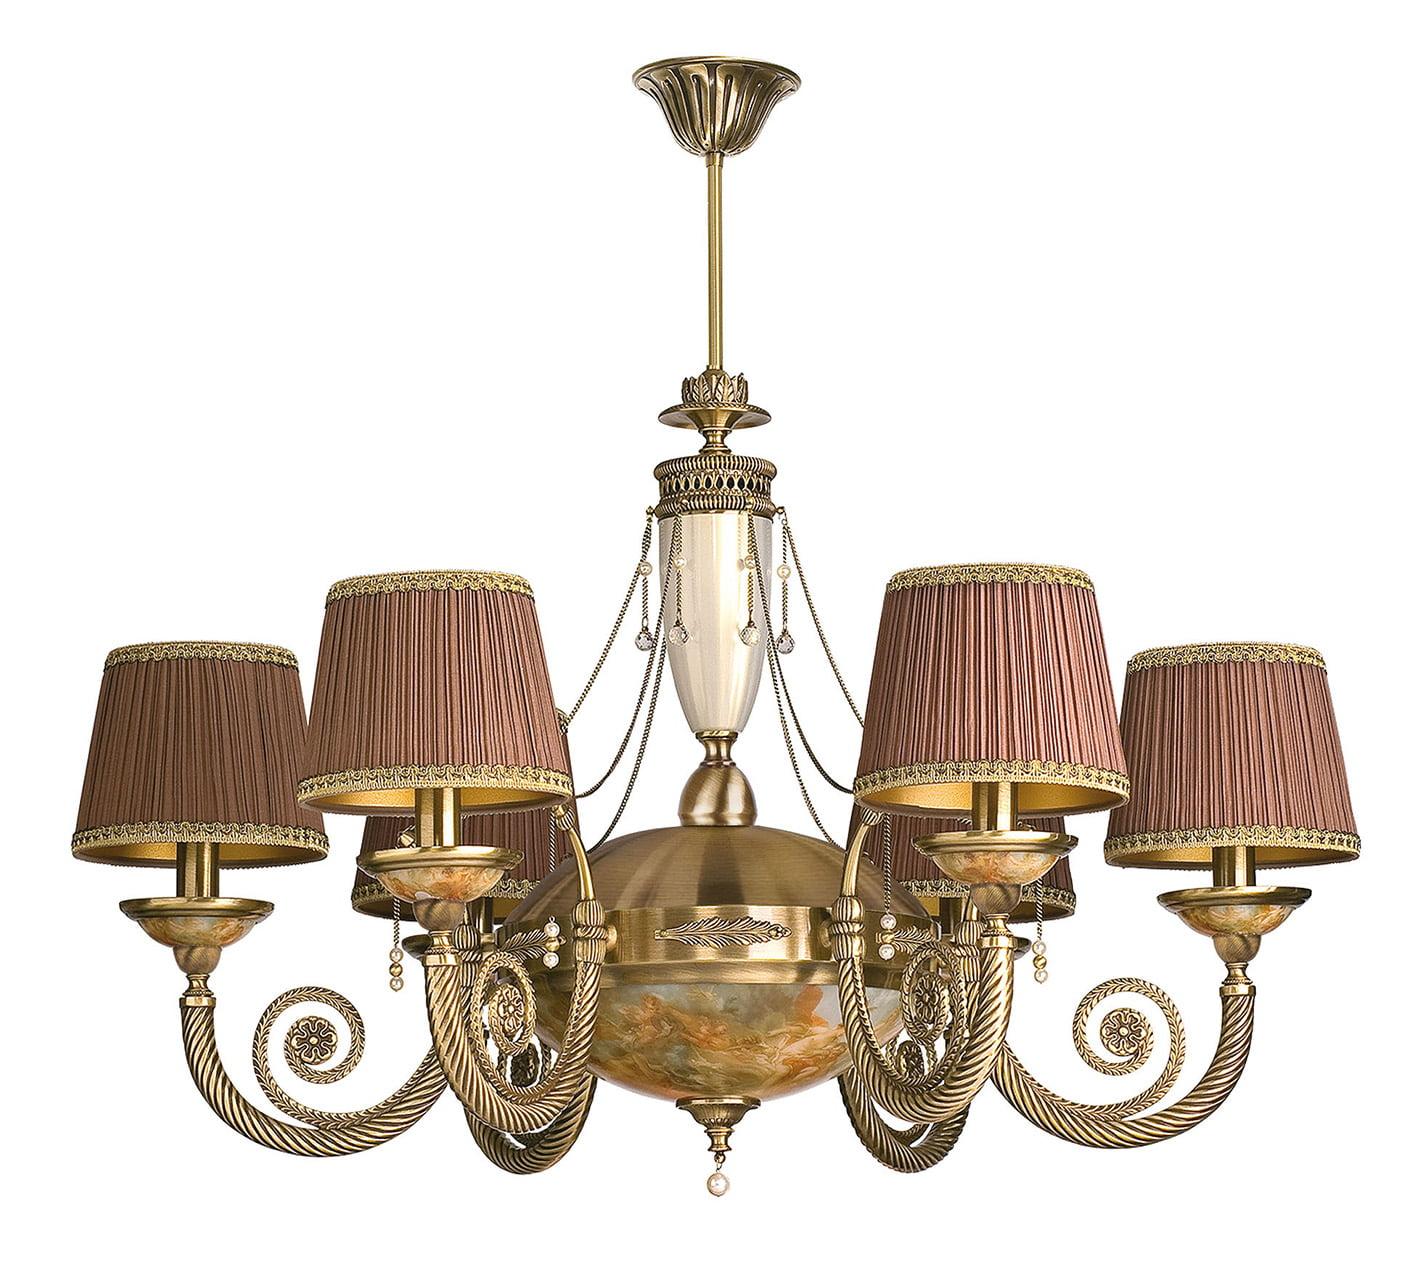 Bespoke Lighting Bibione Antique Brass Chandelier 6 Arm Swarovski Crystals Luxury Chandelier